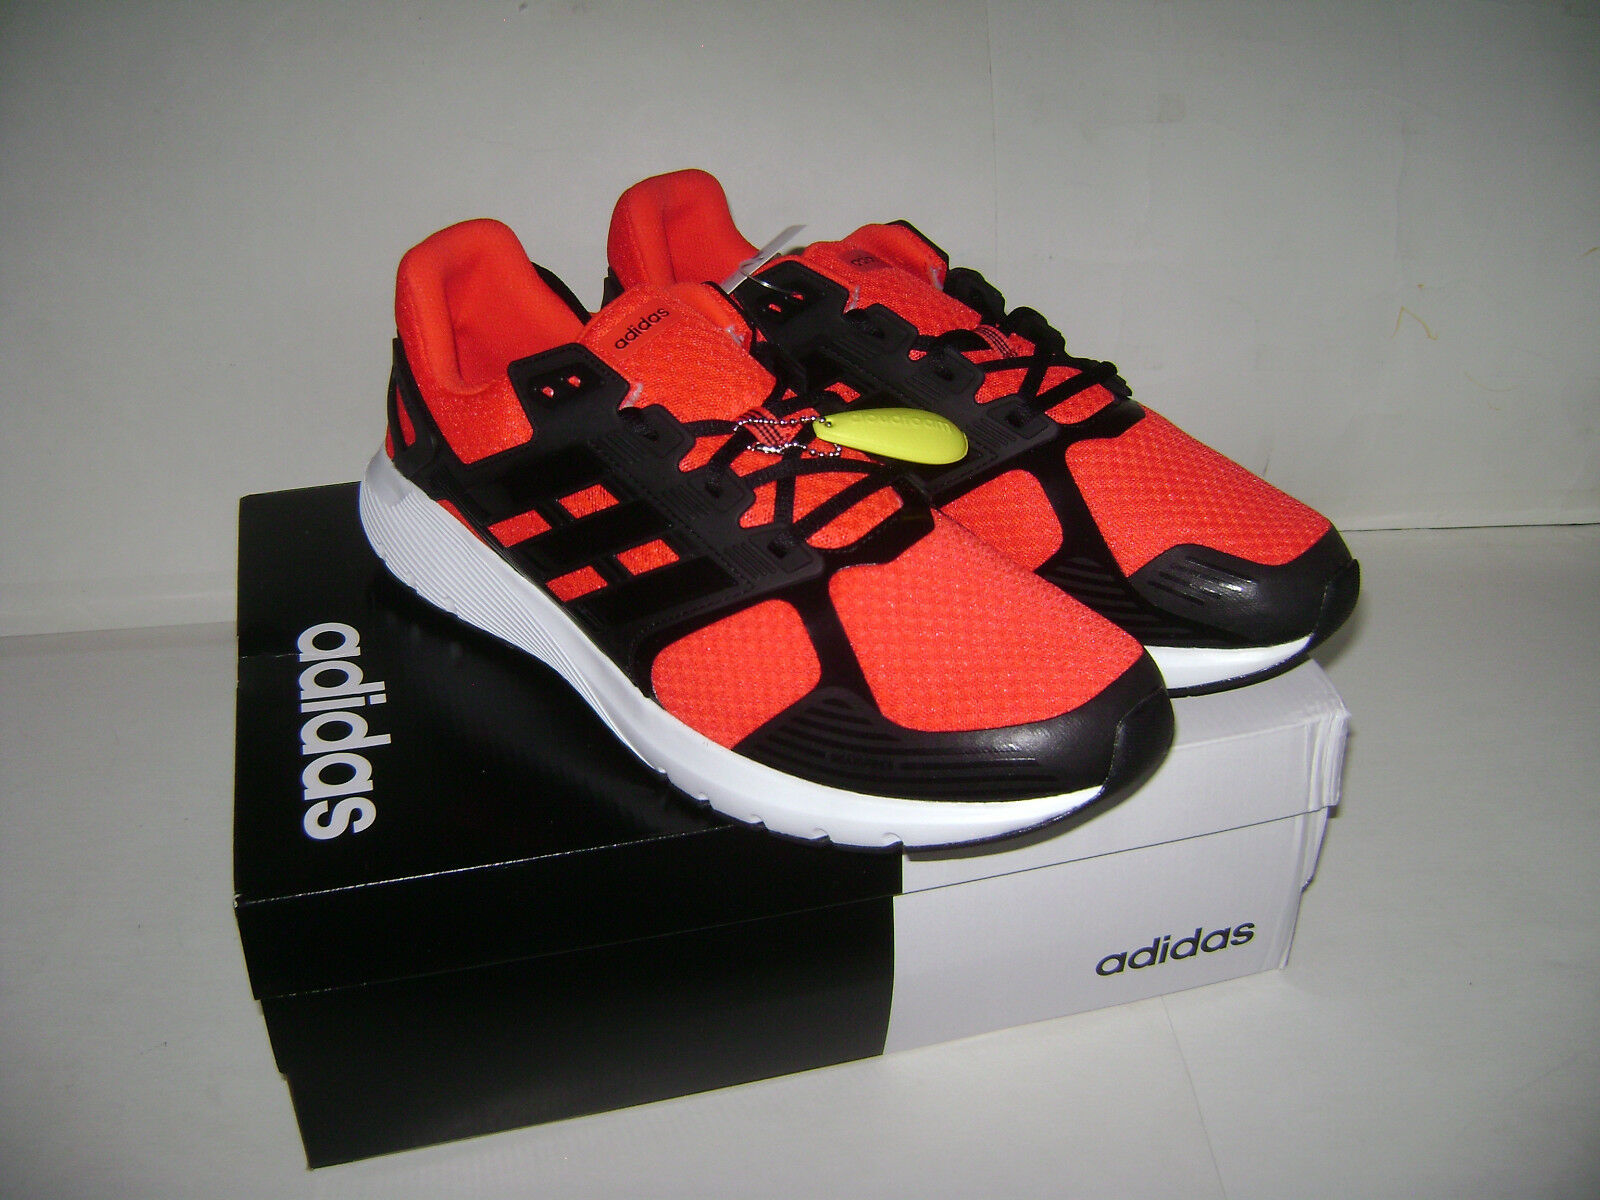 NIB adidas cloudfoam Men duramo 8 m Running Sneakers shoes Sz 12 Red CP8740